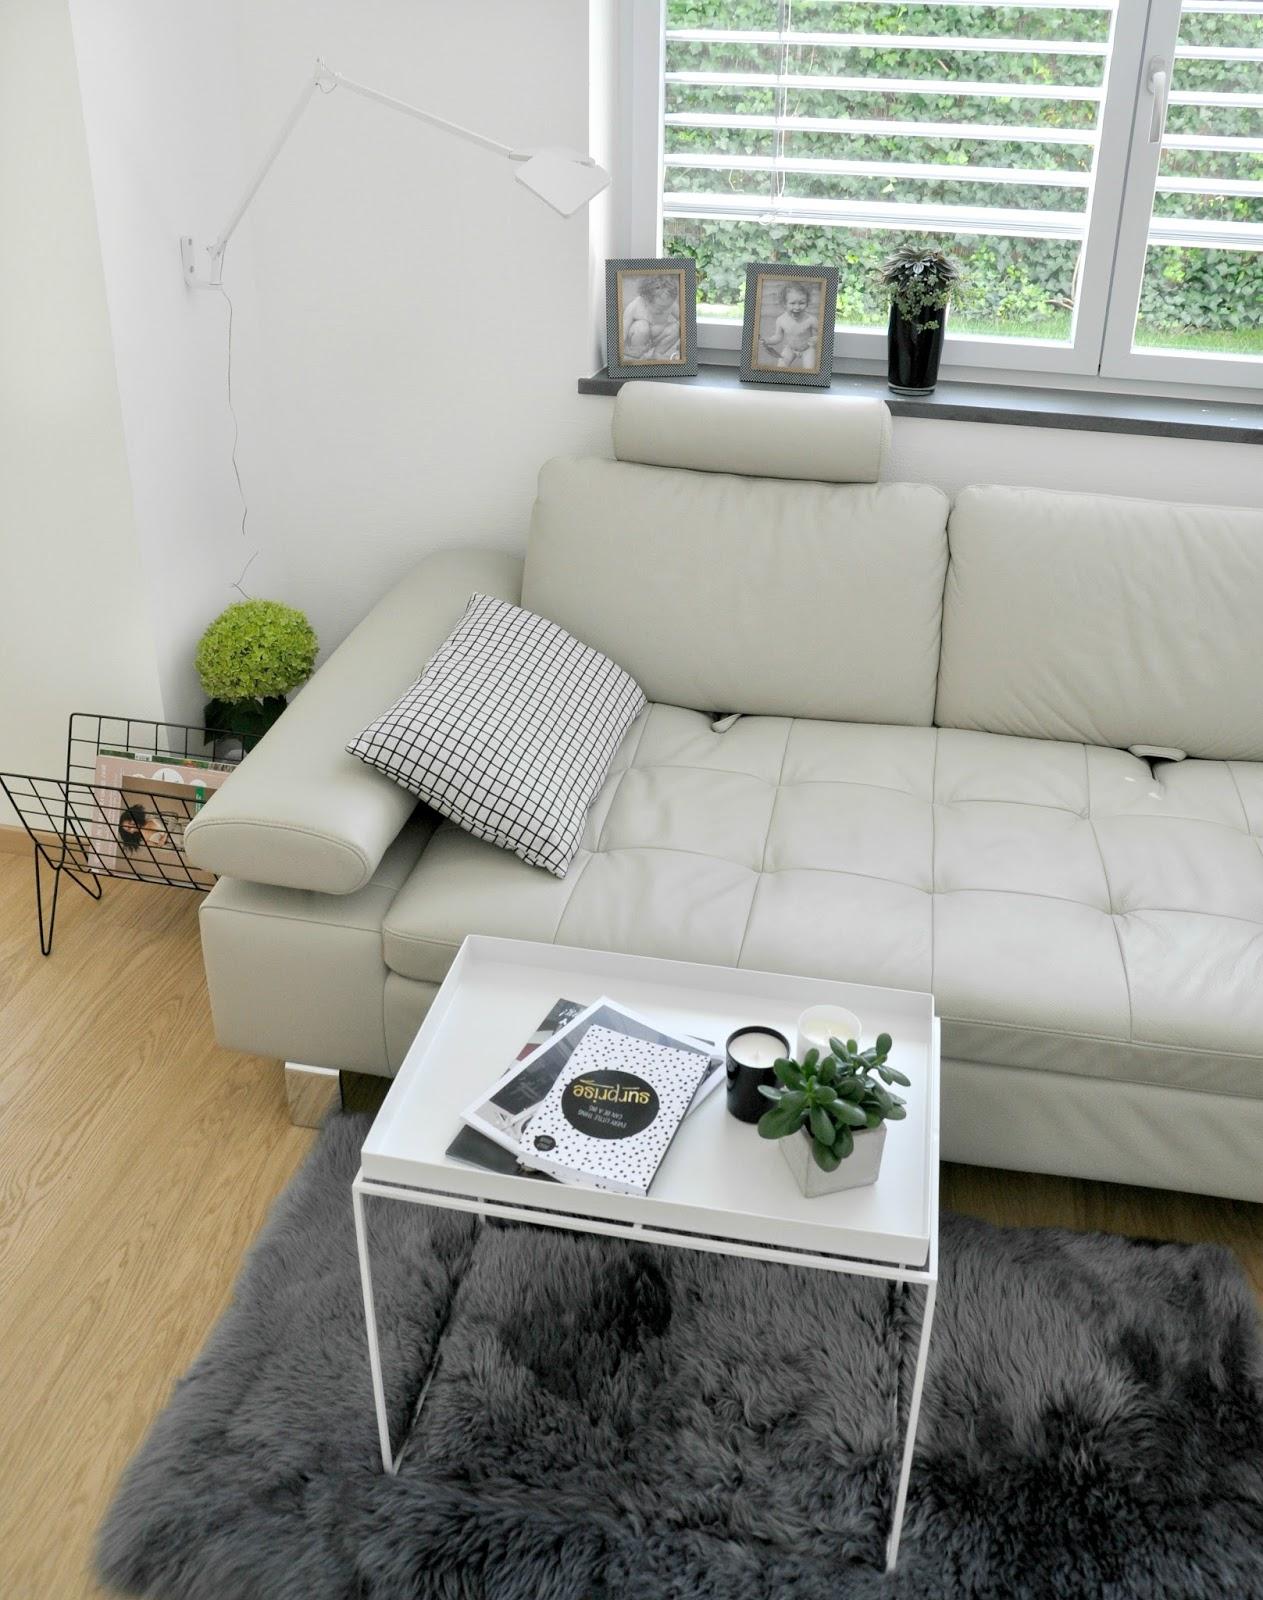 lemapi - südtiroler lifestyleblog: unser wohnzimmer: neue ...